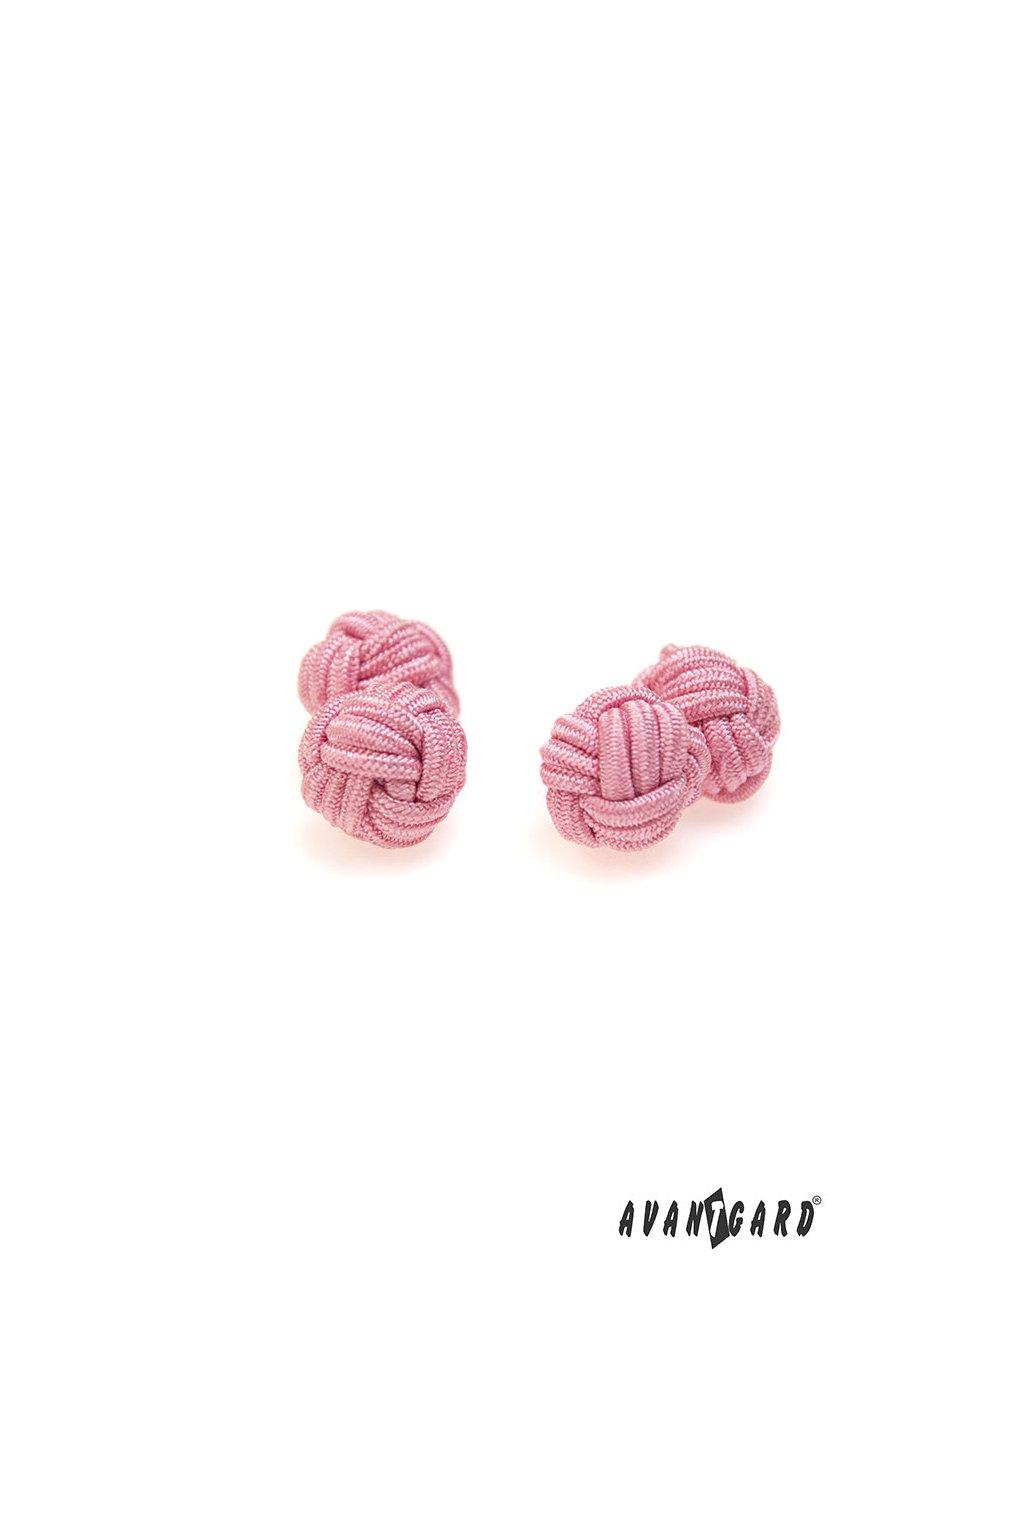 Knots - manžetové uzlíky růžová 614 - 9